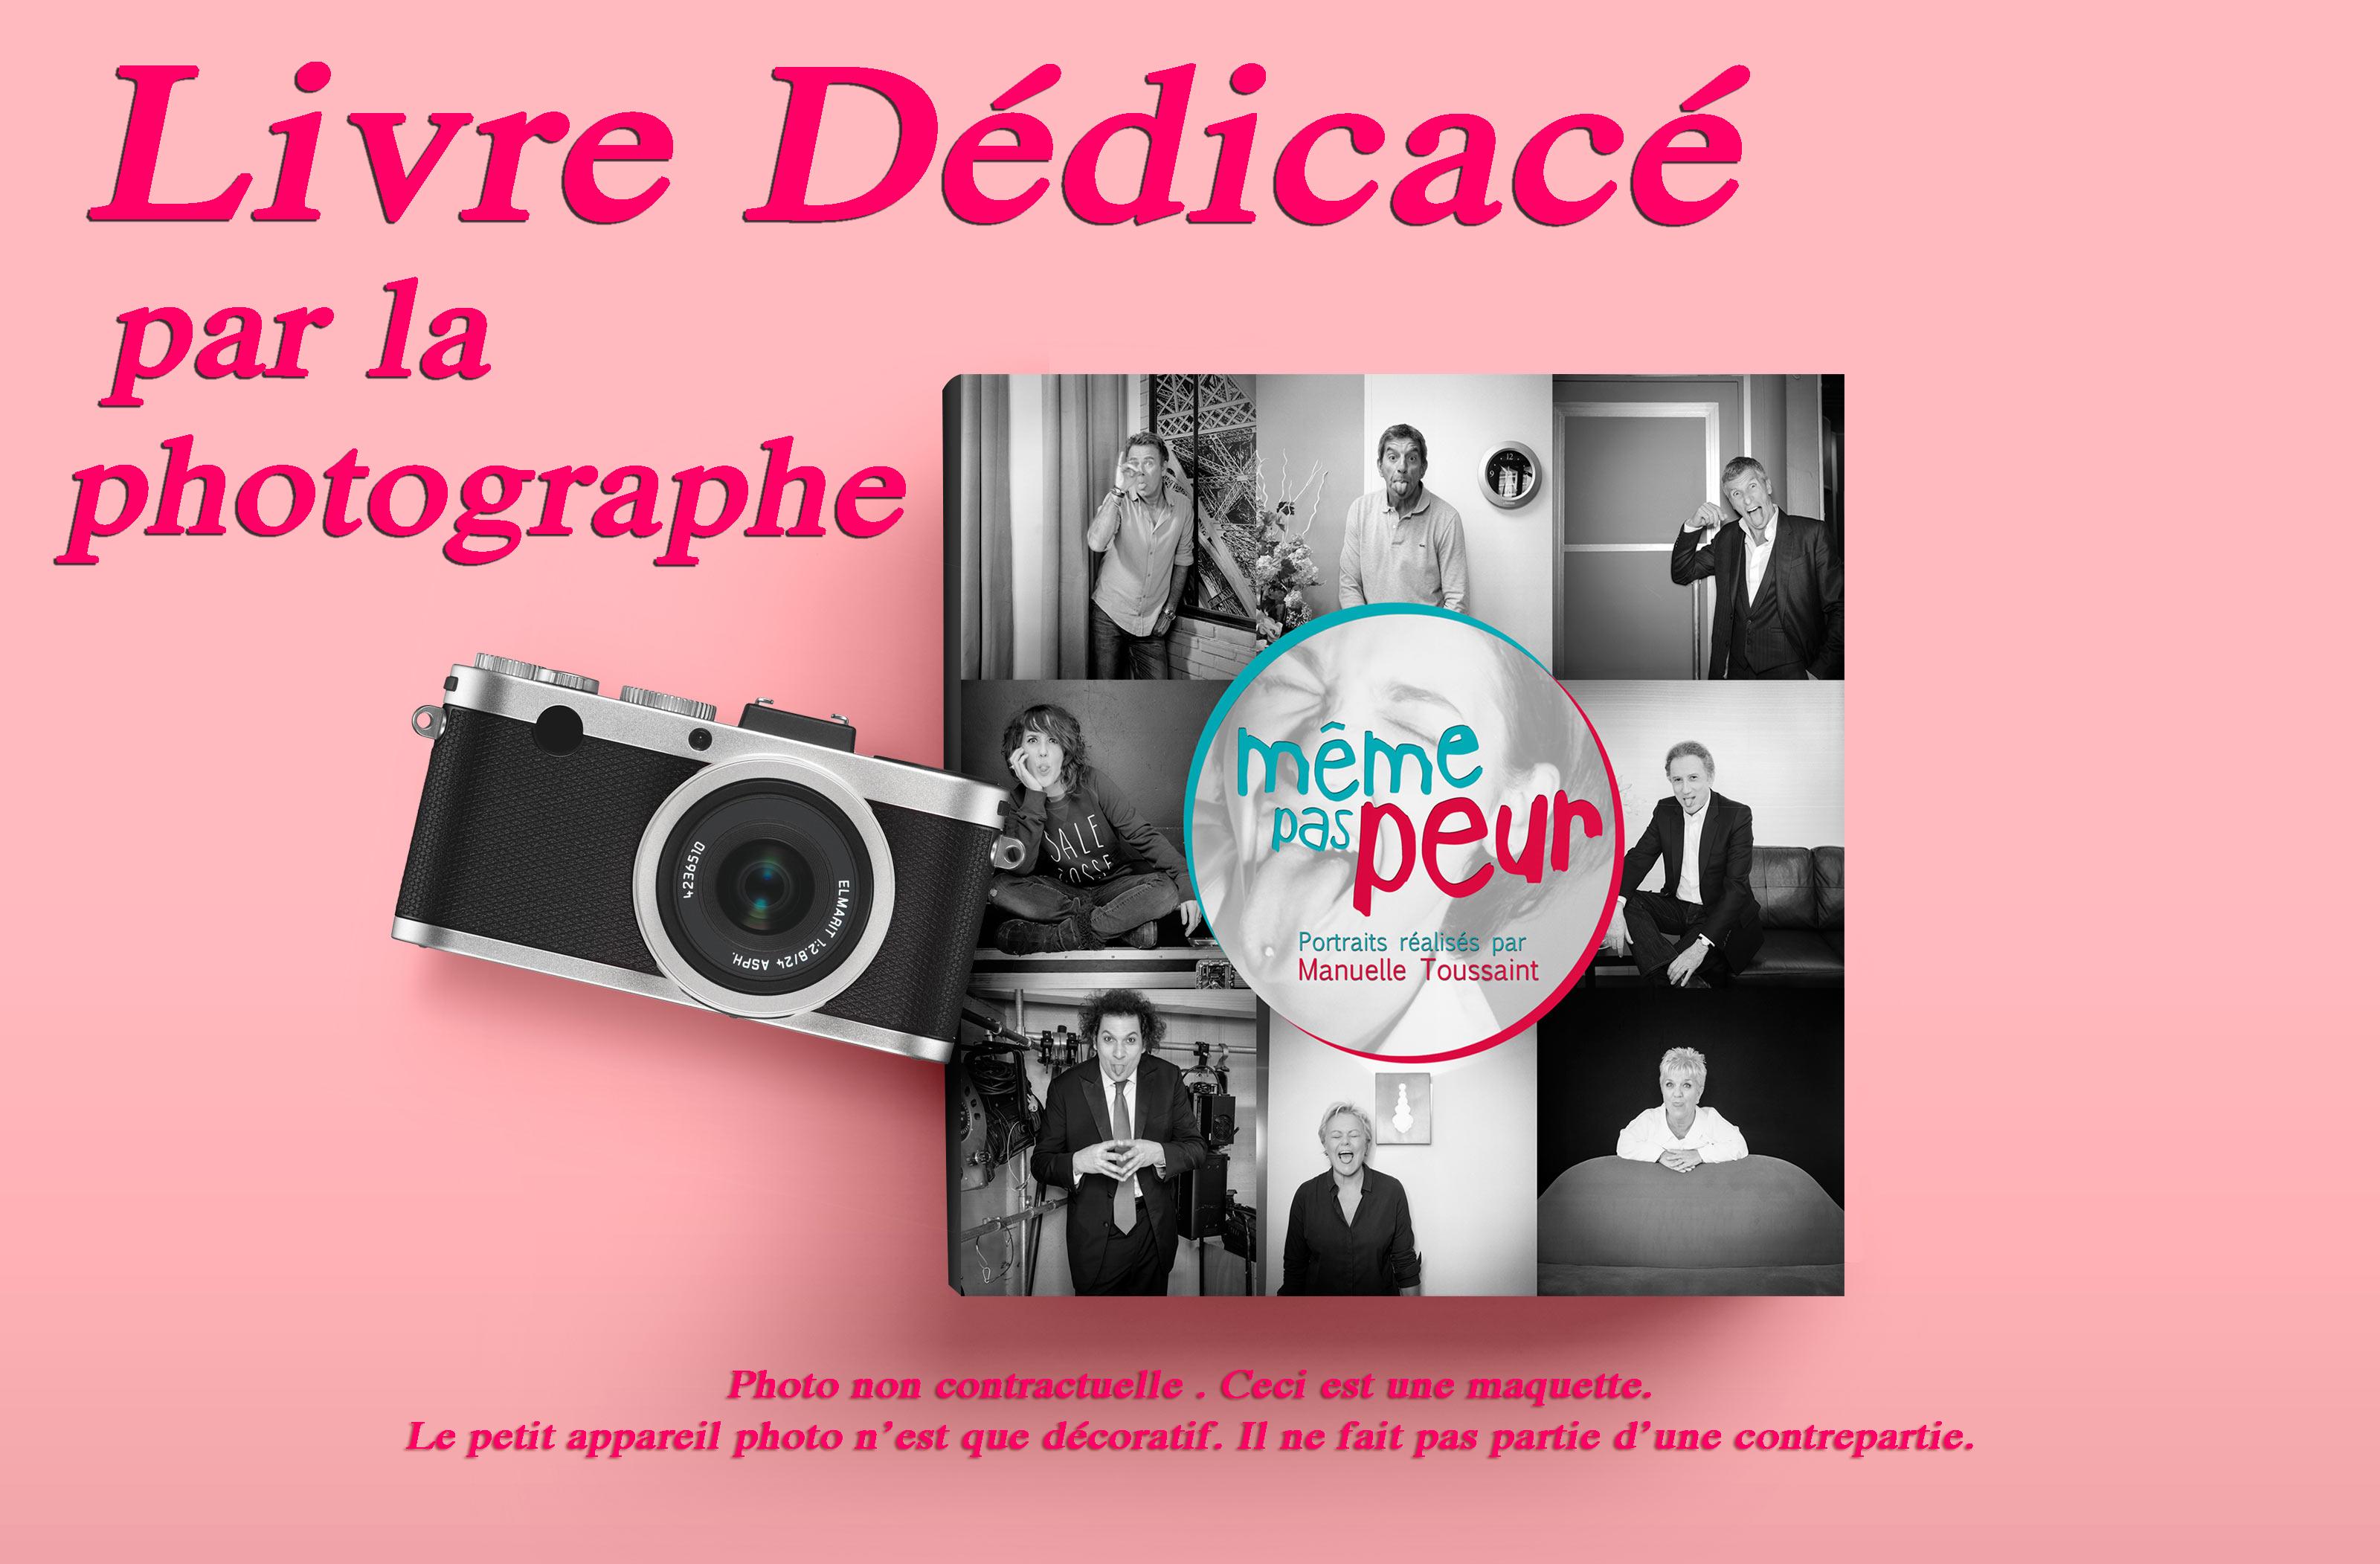 meme_pas_peur_livre_Dedicace_-1497092582.jpg